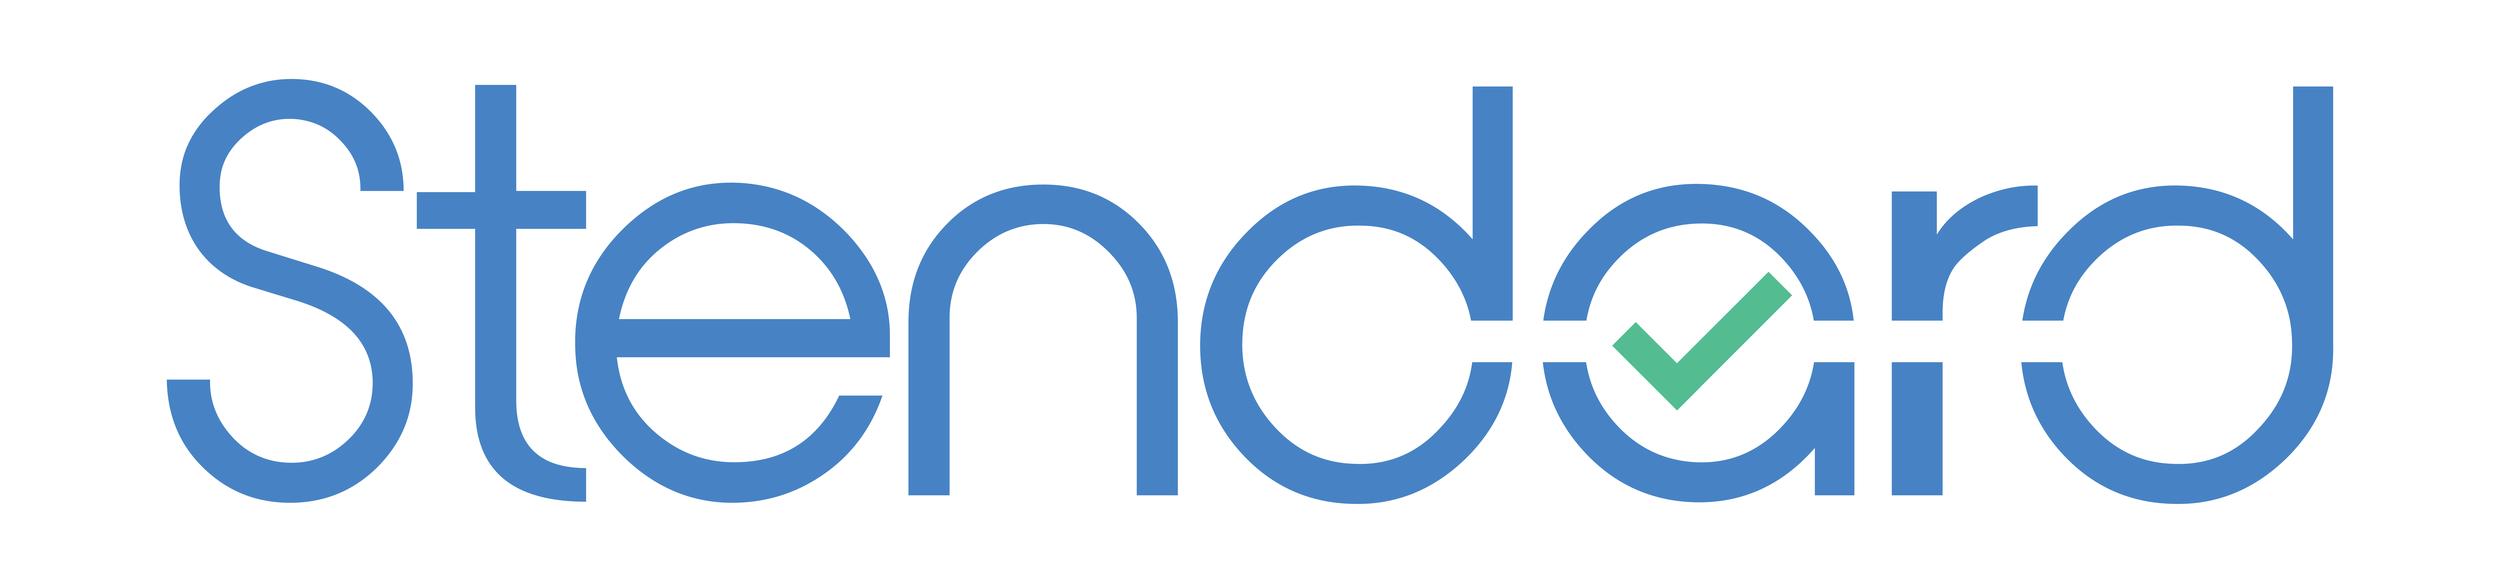 Stendard-3k Logo-White bg.png